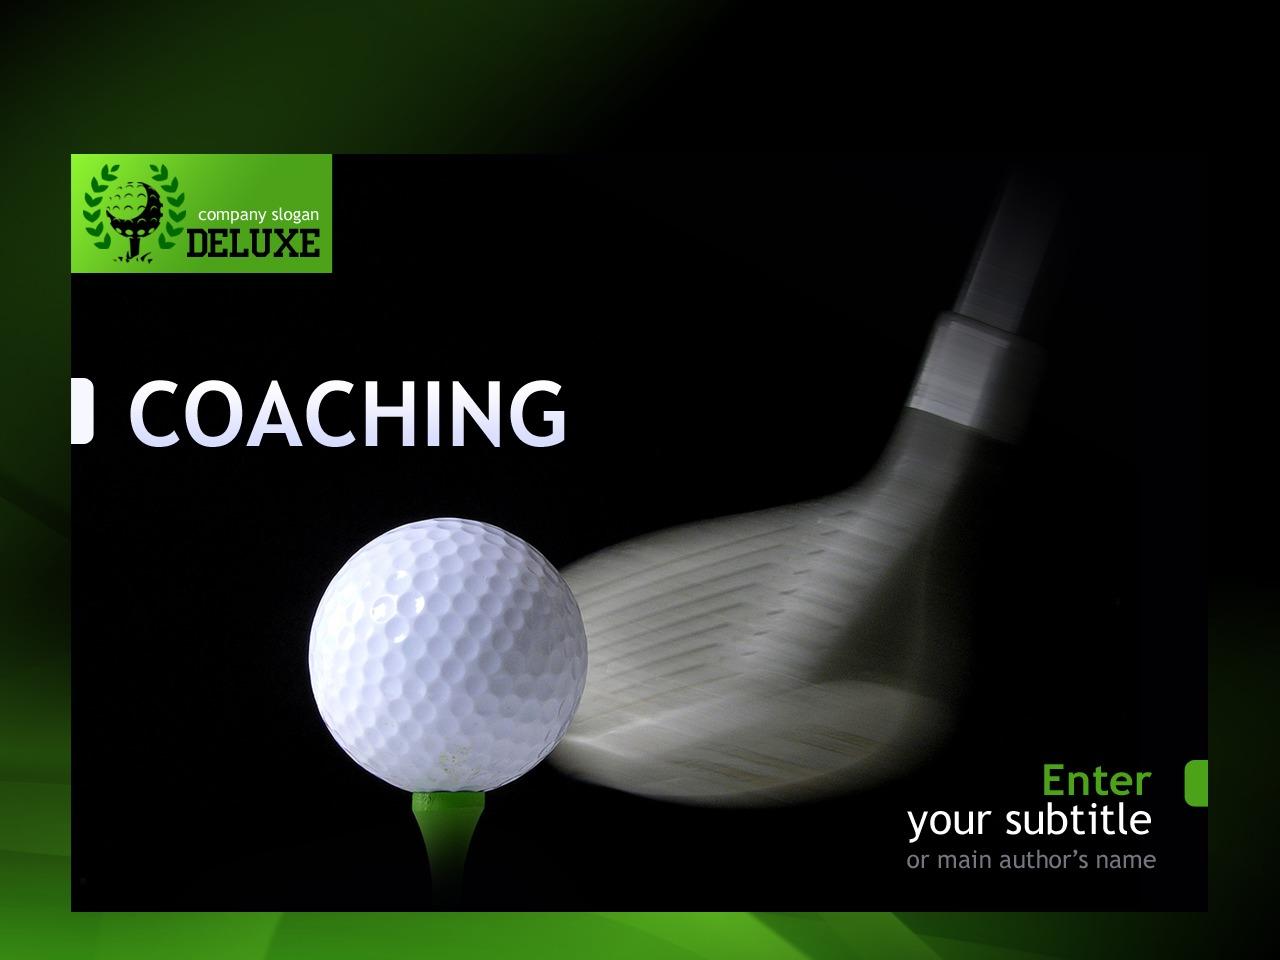 Szablon PowerPoint #30687 na temat: golf